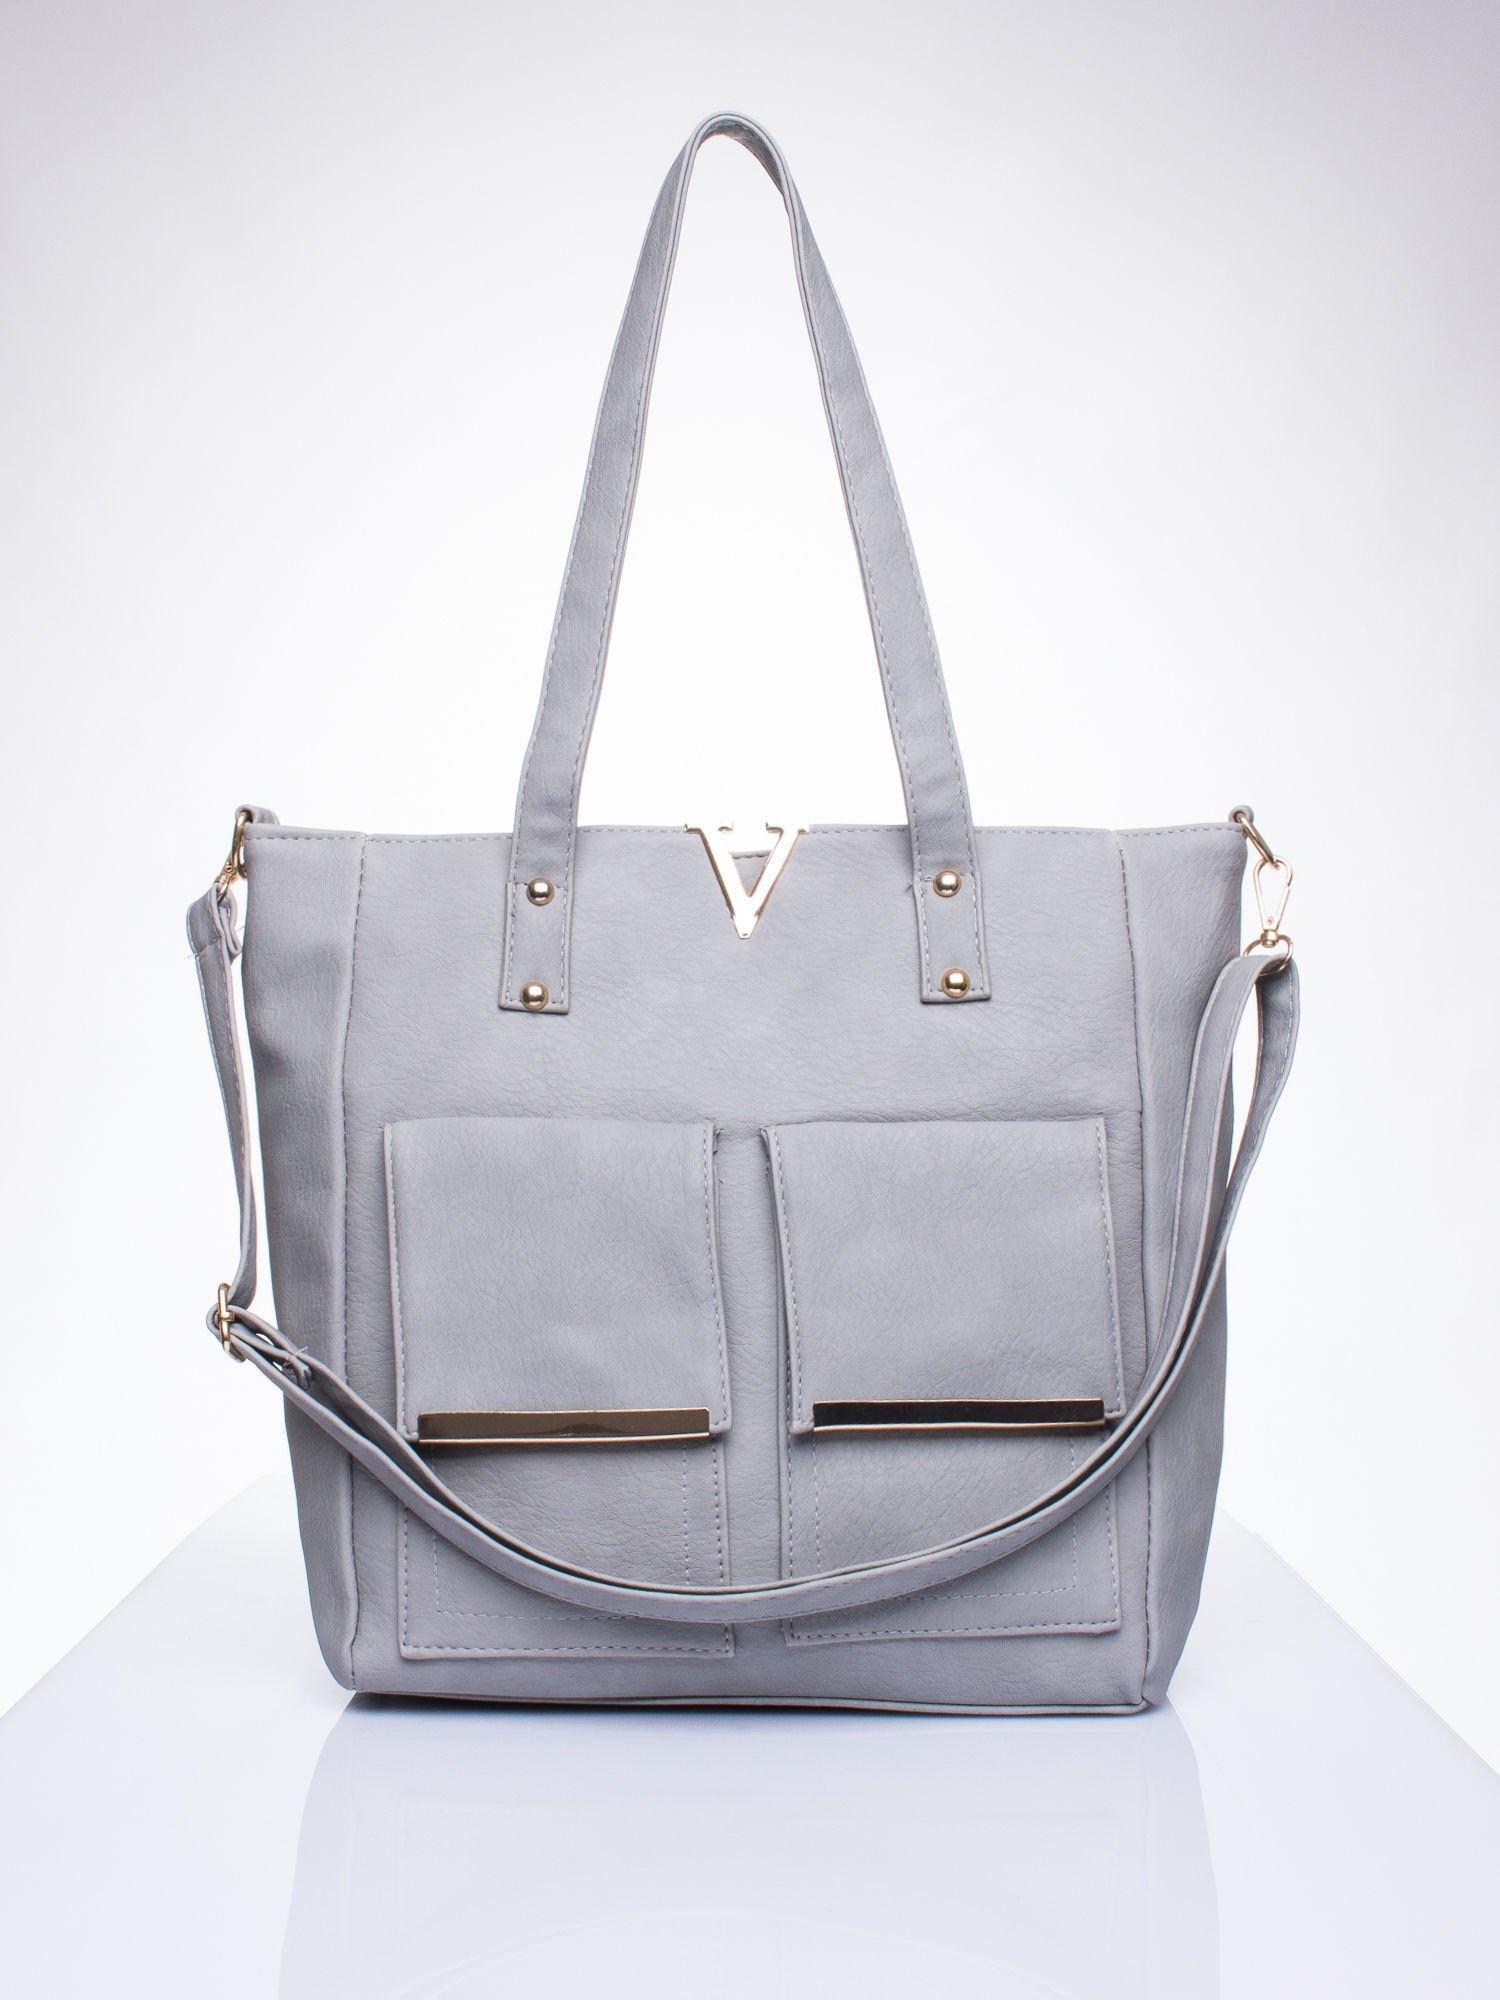 863c5737c8a6f Szara torba shopper bag ze kieszeniami na klapki - Akcesoria torba ...